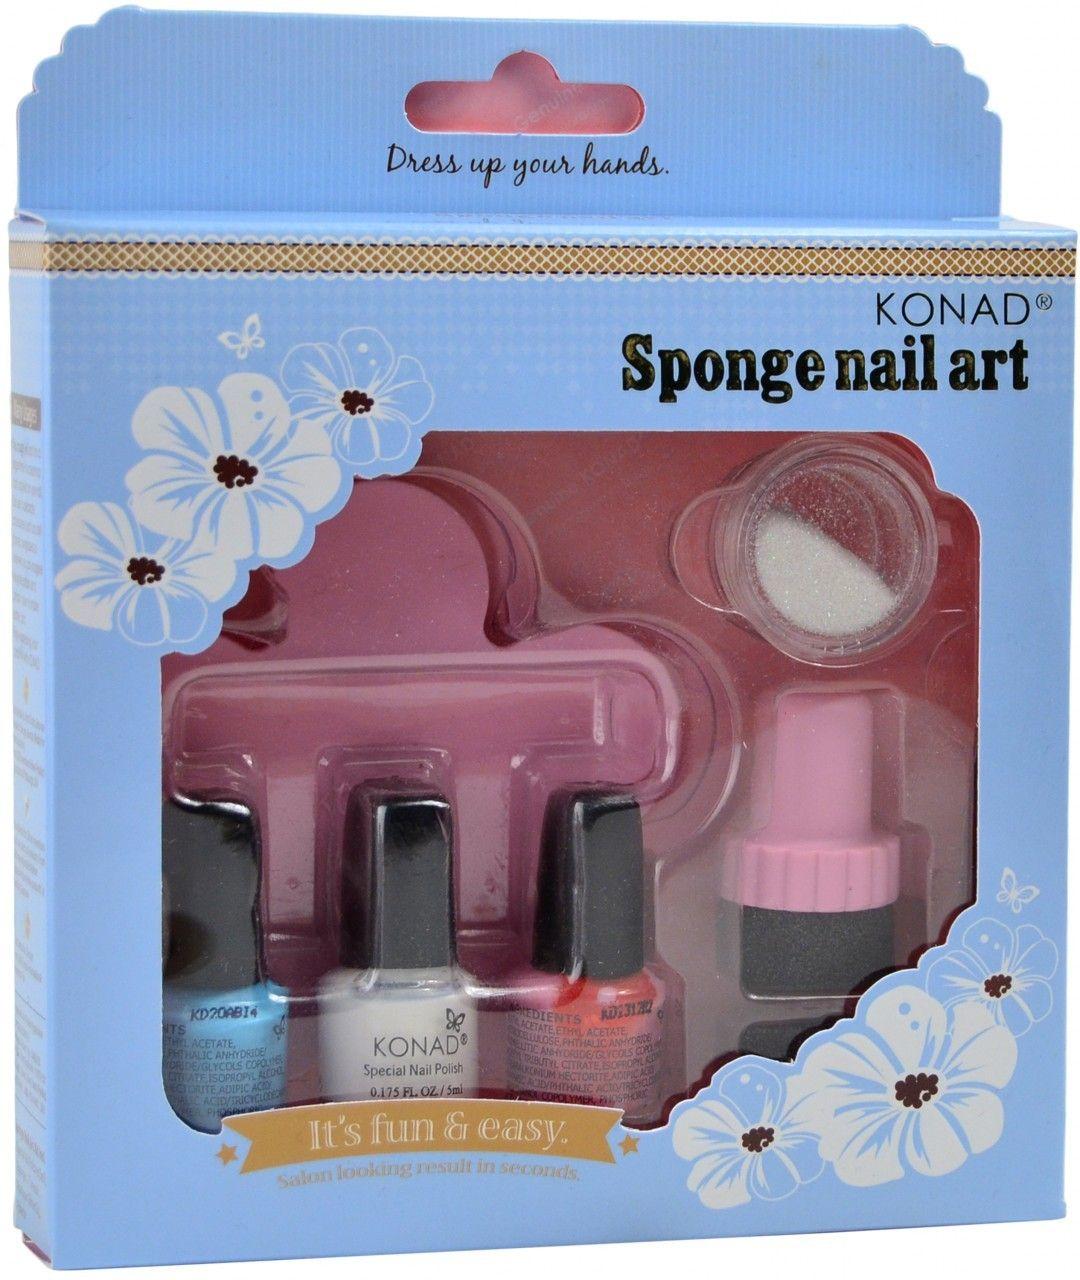 Konad Nail Art Sponge Nail Art Kit, Free Shipping at Nail Polish Canada